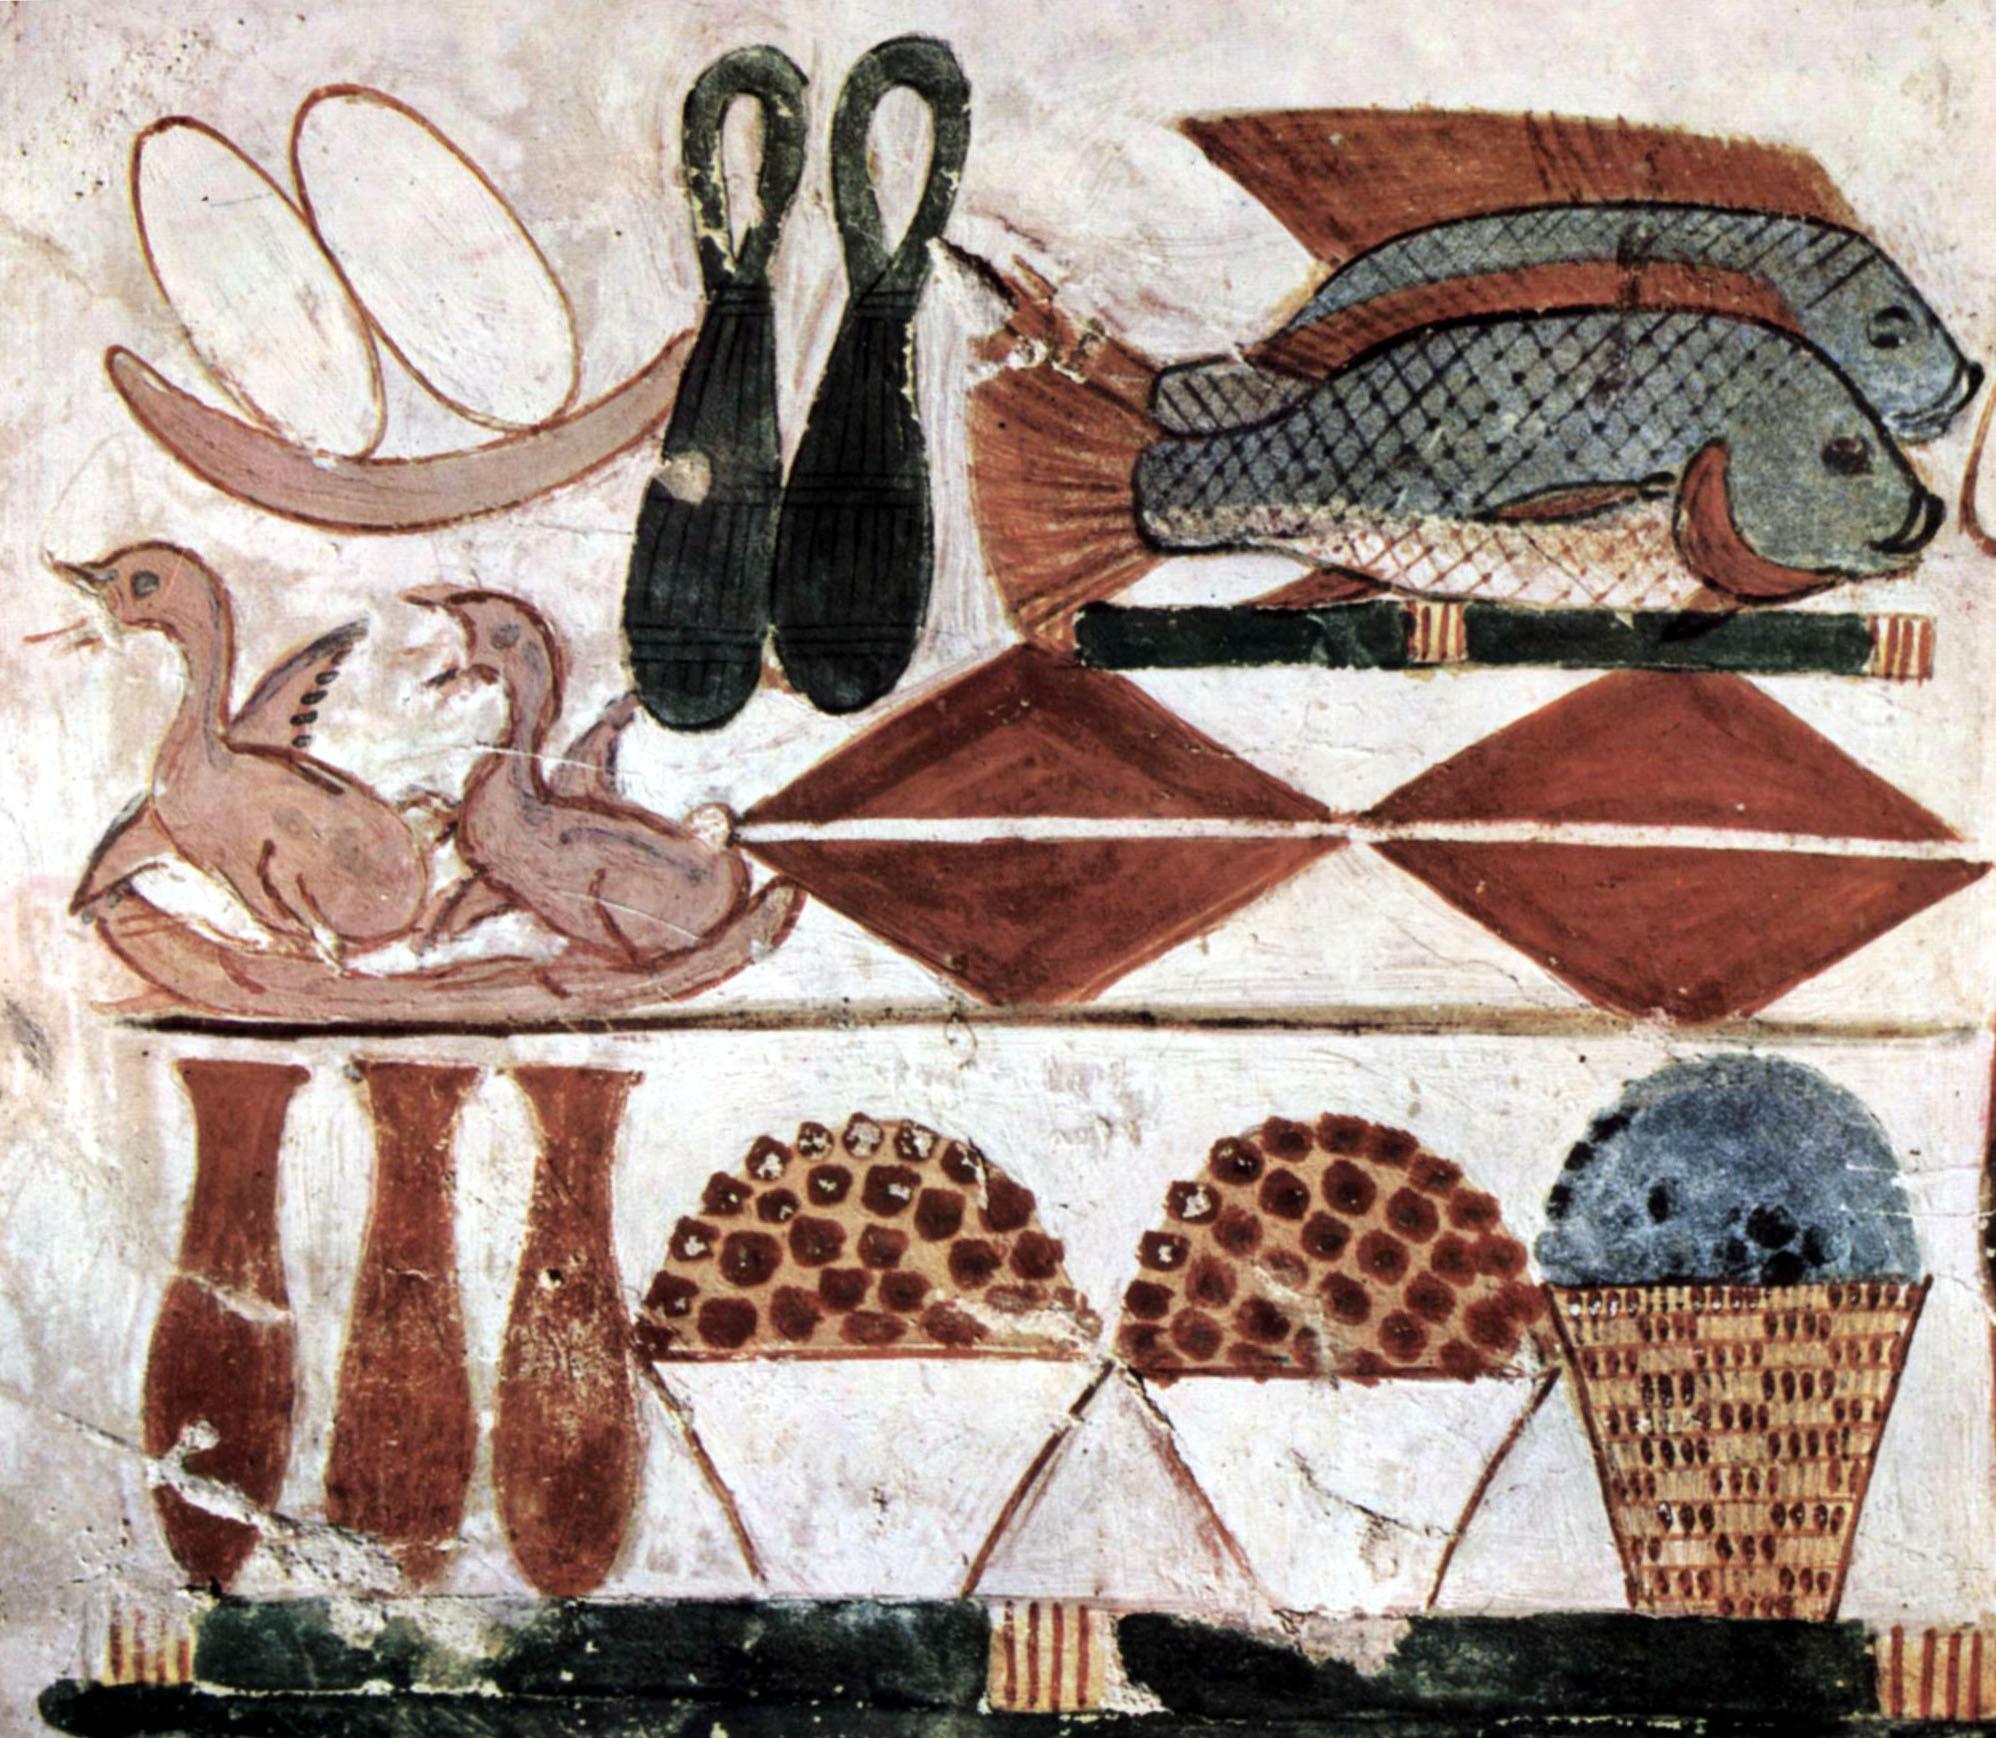 Resultado de imagen para historia del marisco